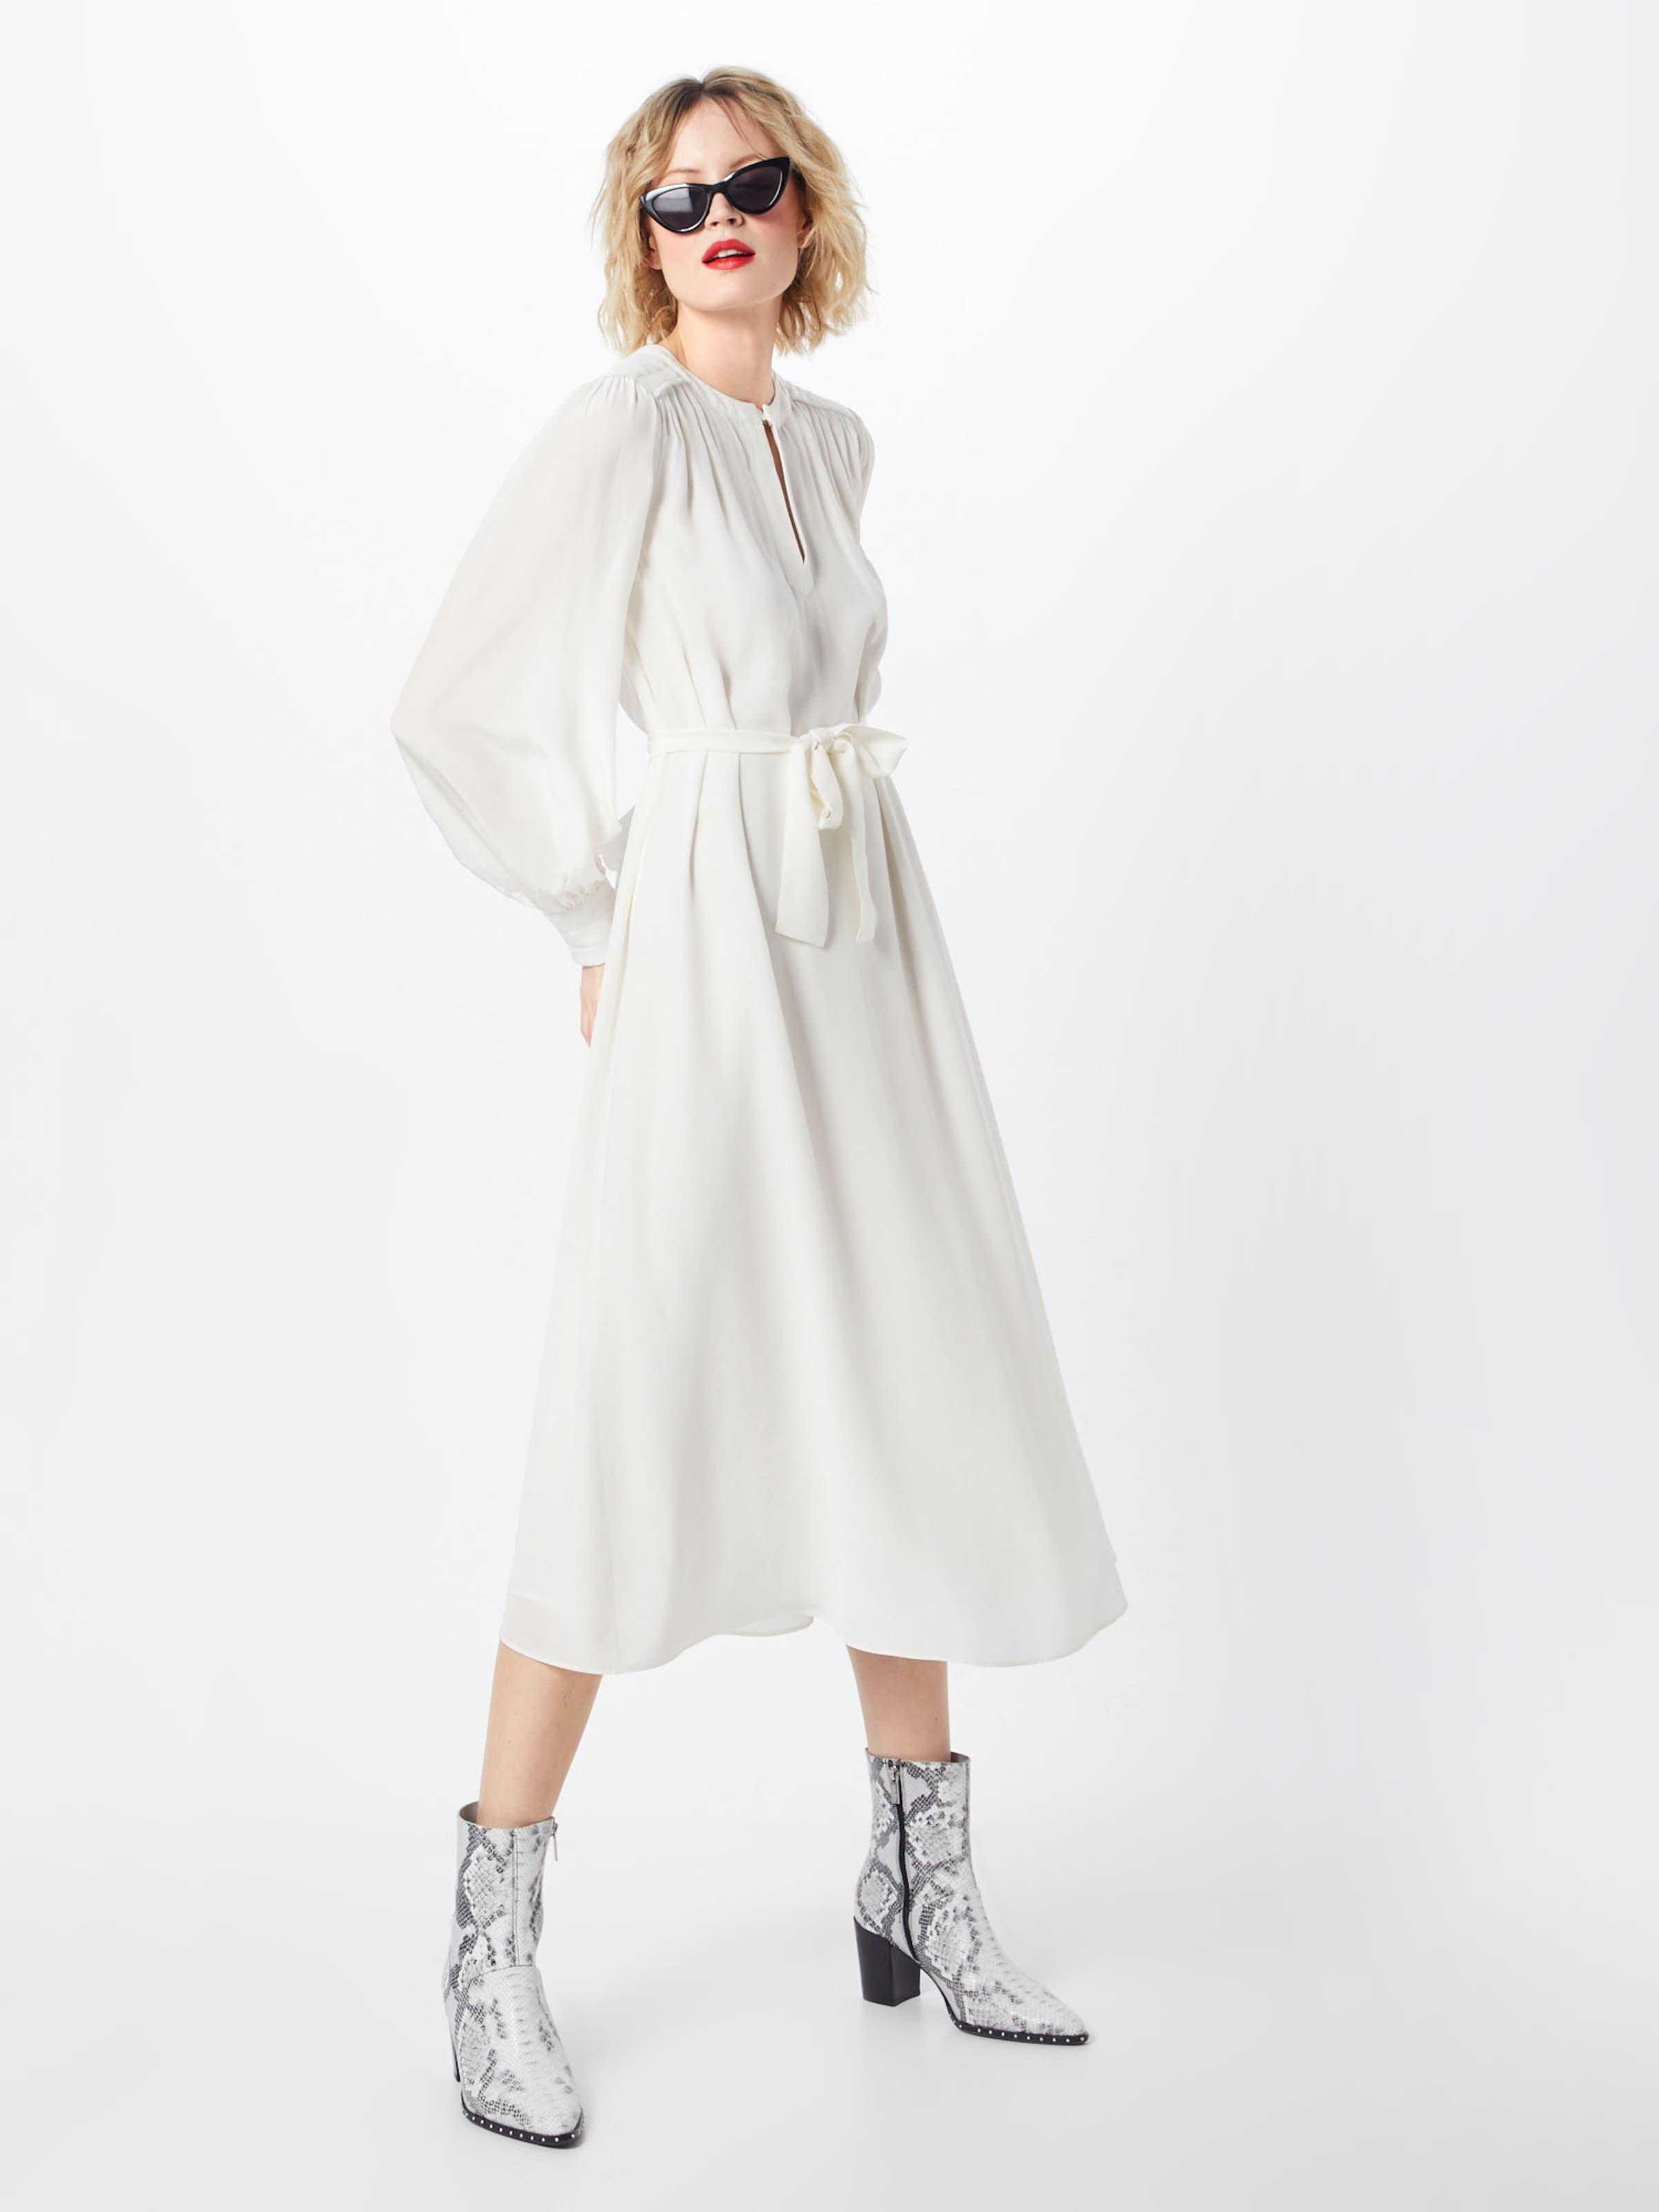 Kleid Dress' Long In Postyr 'poseloise Weiß jLA3R45